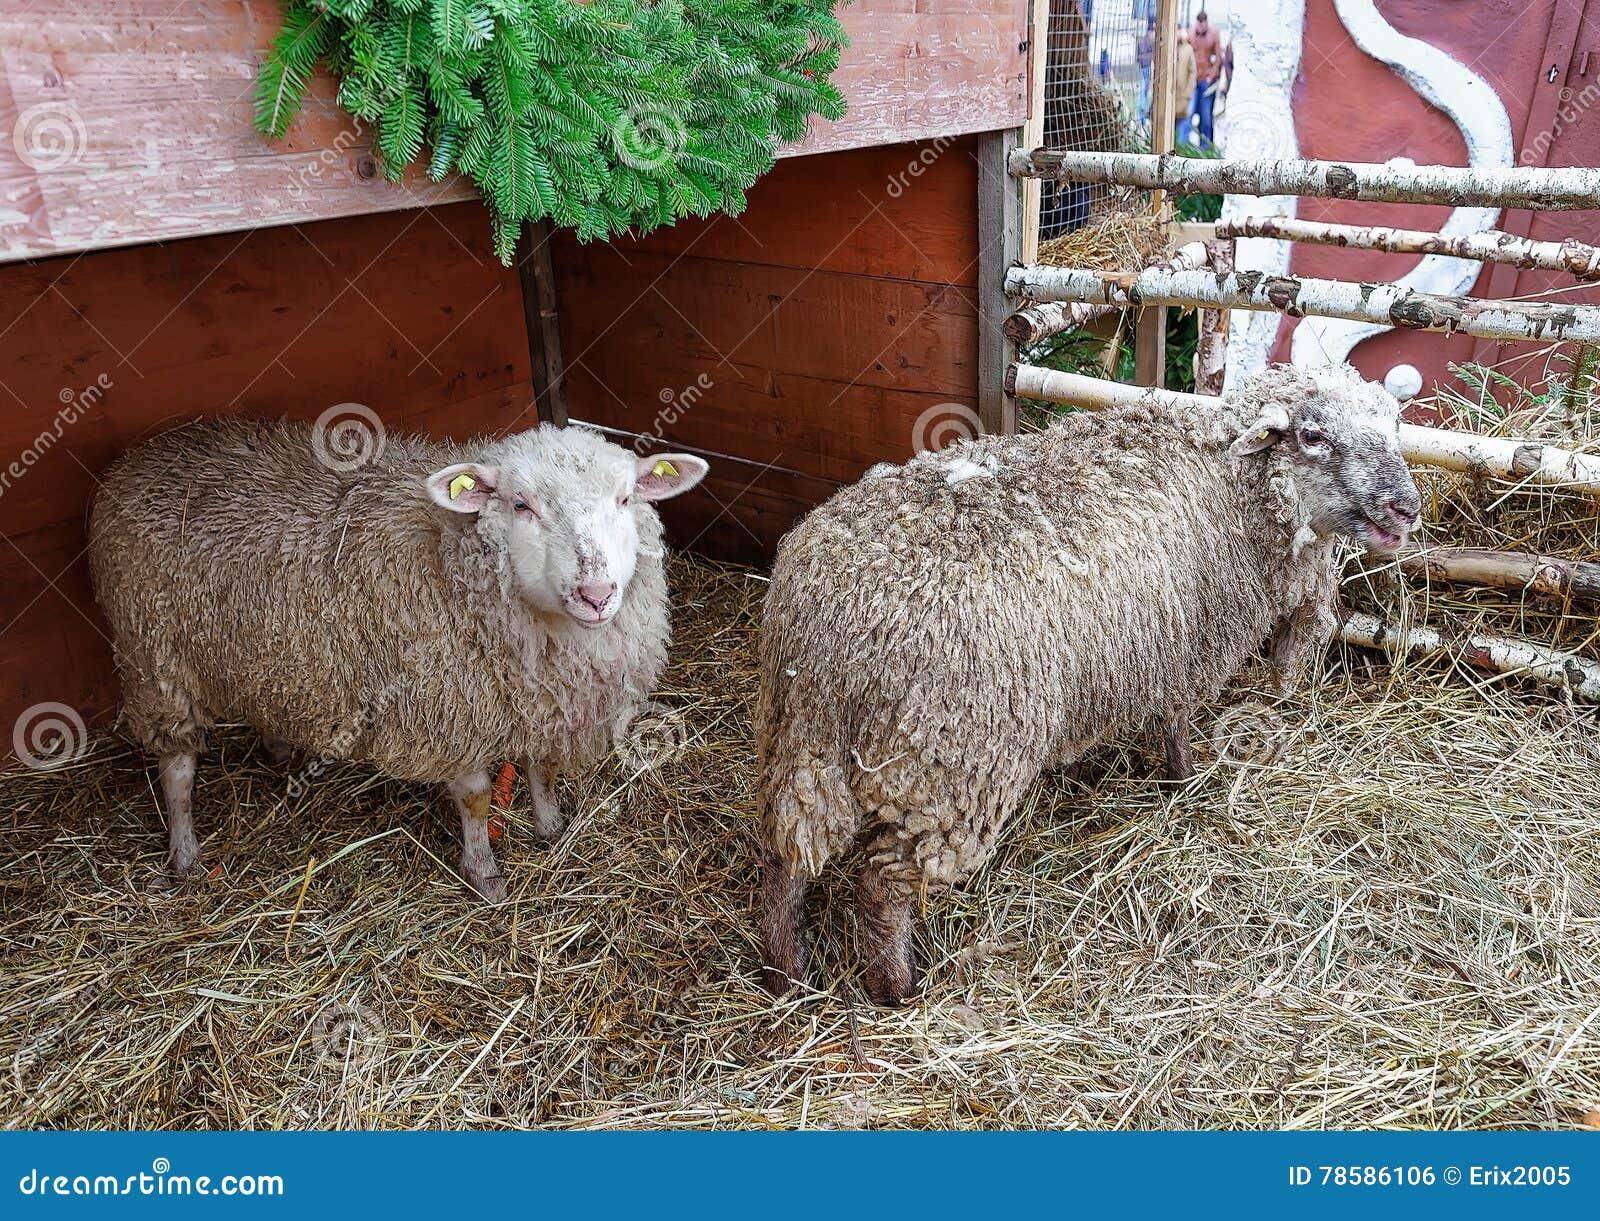 Schafe In Der Alten Stadt Von Riga Am Weihnachten Stockfoto - Bild ...